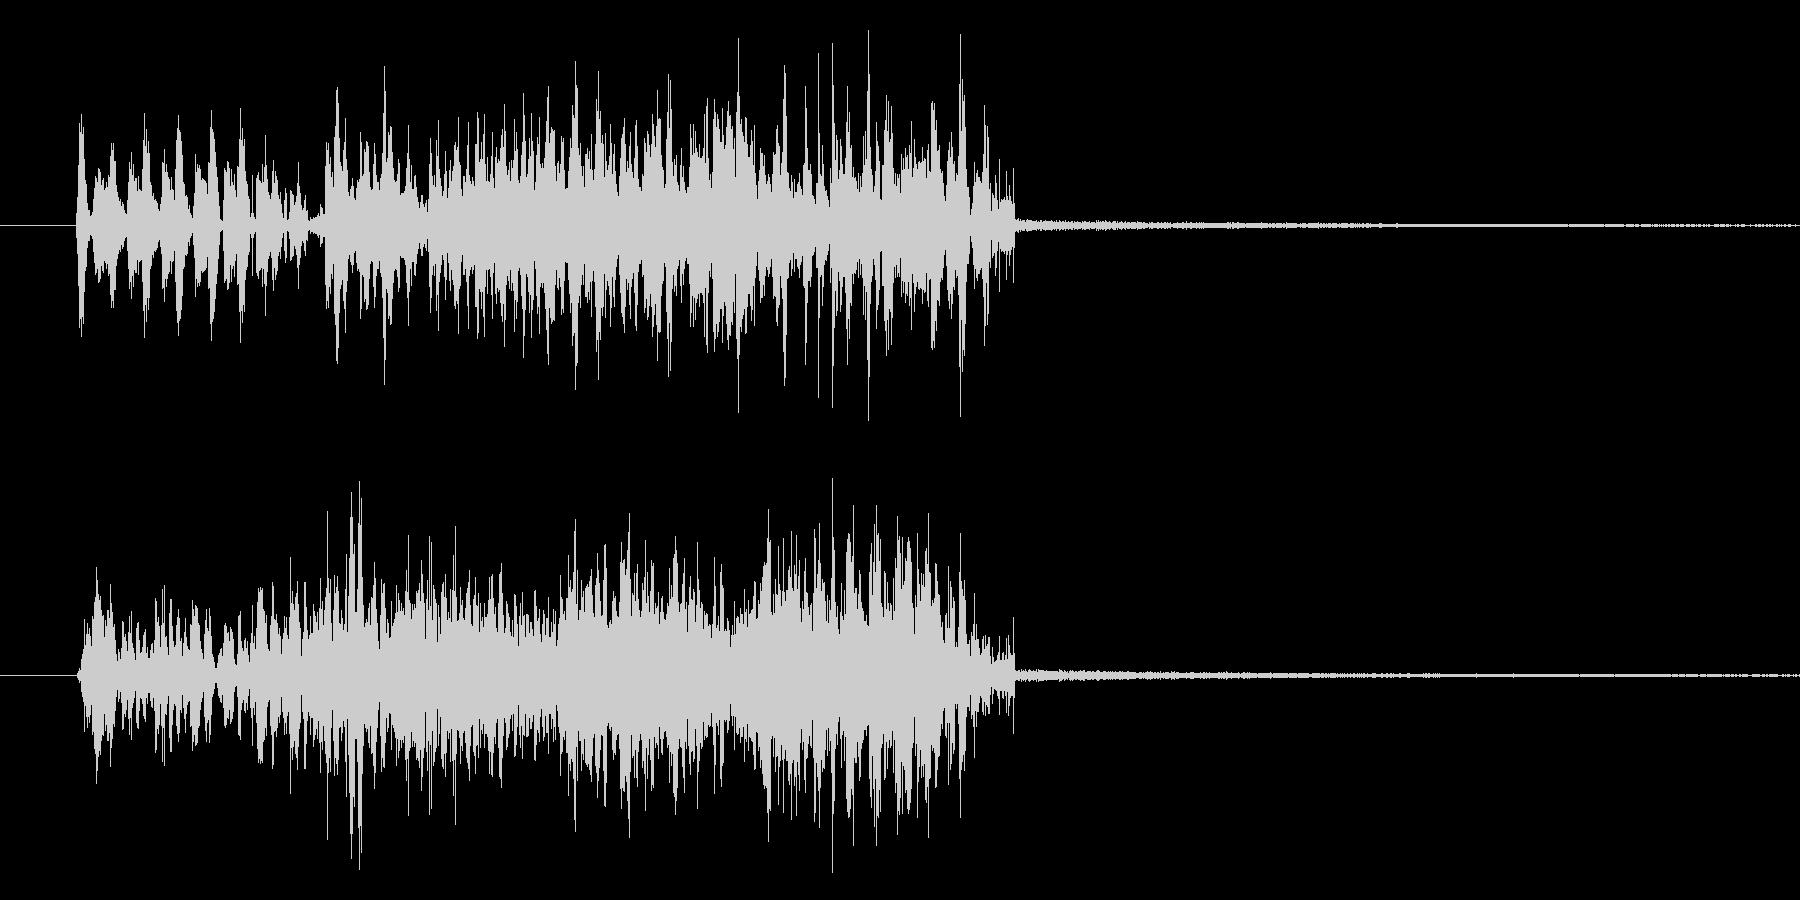 トランジション テロップ音 ノイズの未再生の波形